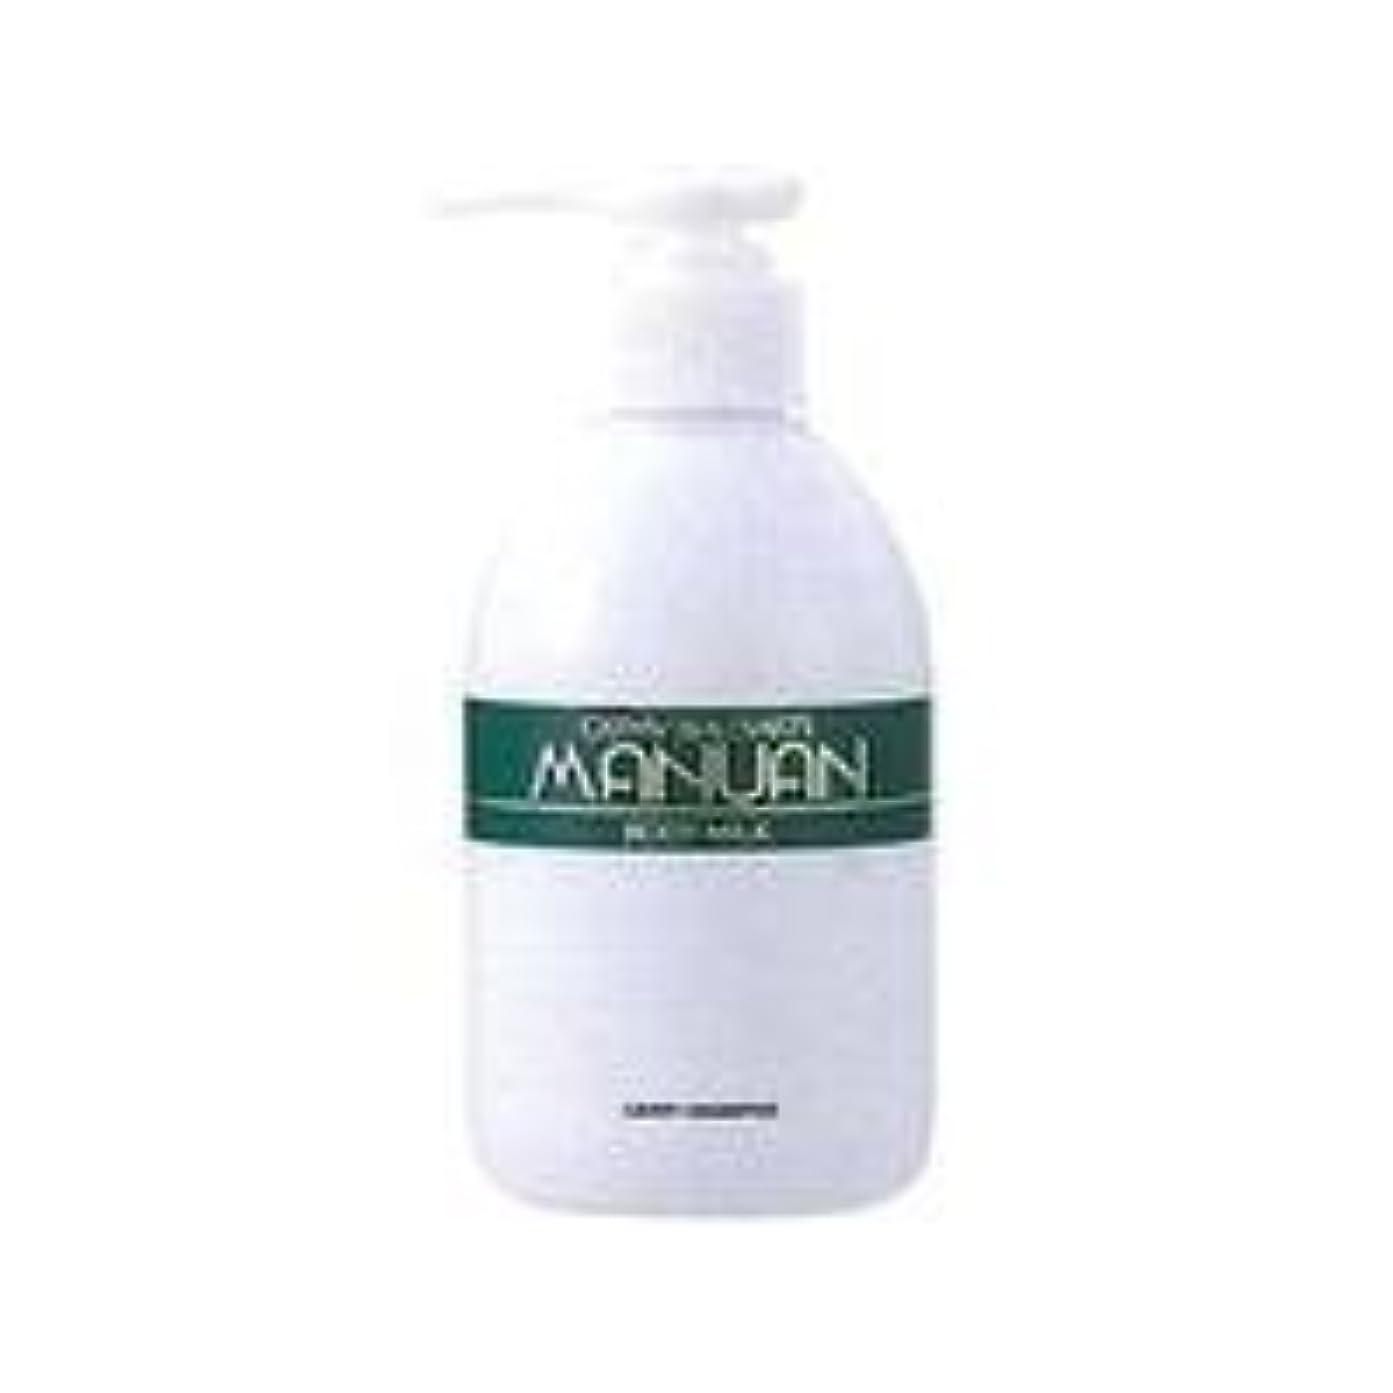 メトリックアプライアンスコールドカシー化粧品 (CATHY) ボザール マニュアン ボディミルク 250mL